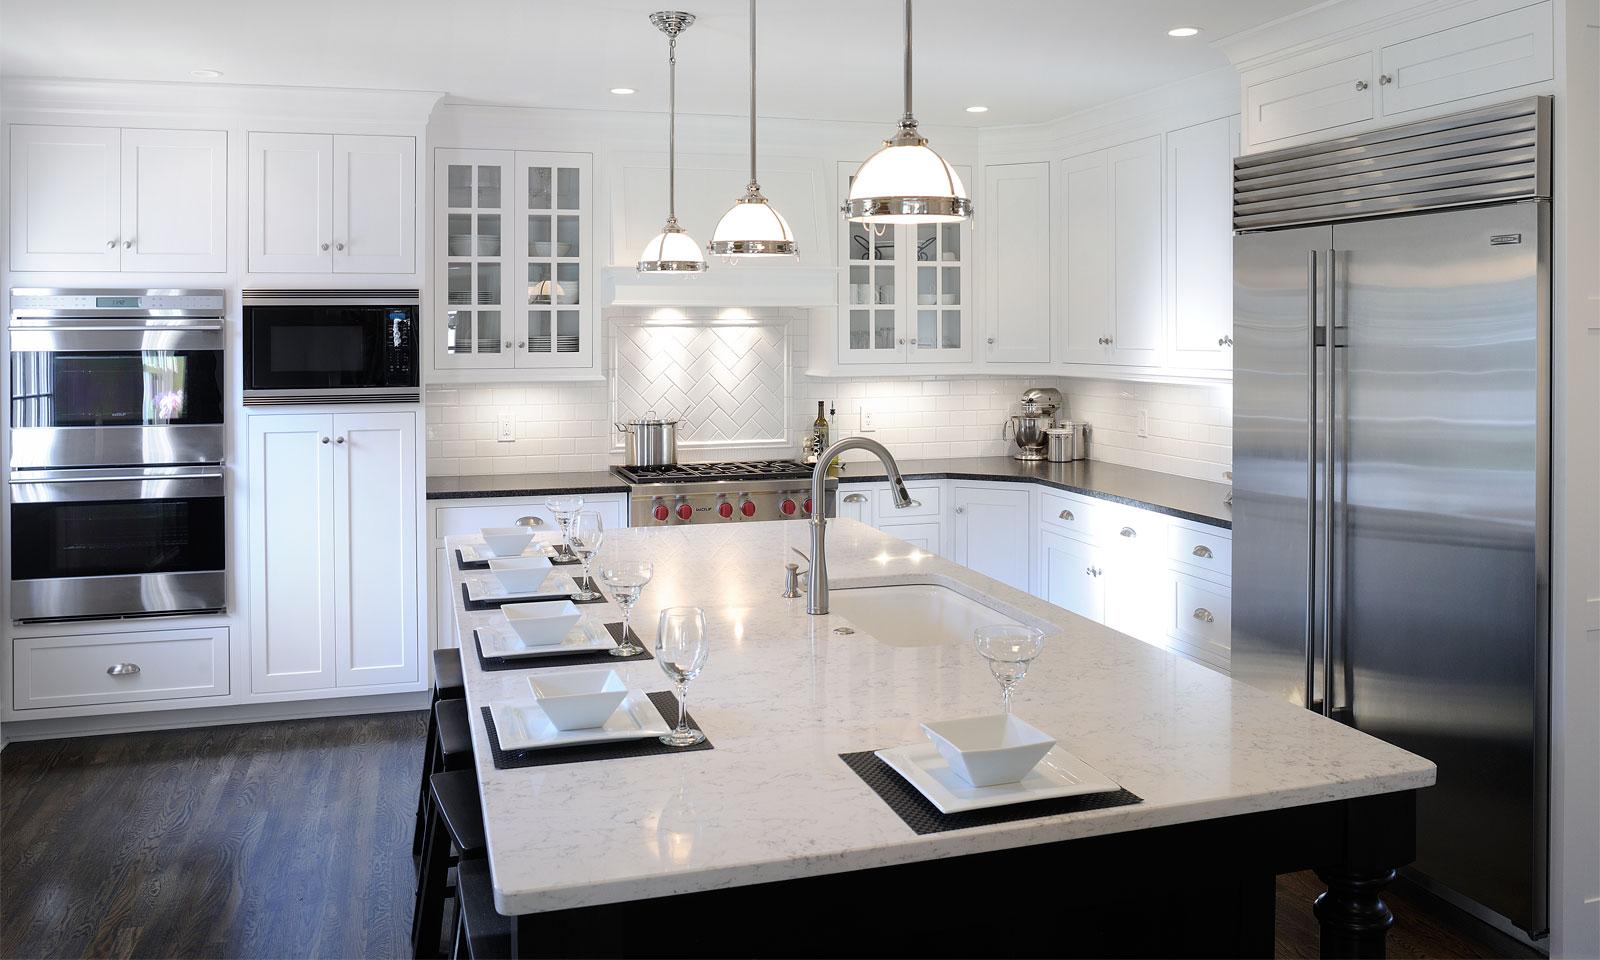 Best Kitchen Gallery: Mullet Cabi White Transitional Kitchen of White Transitional Kitchen Design on rachelxblog.com